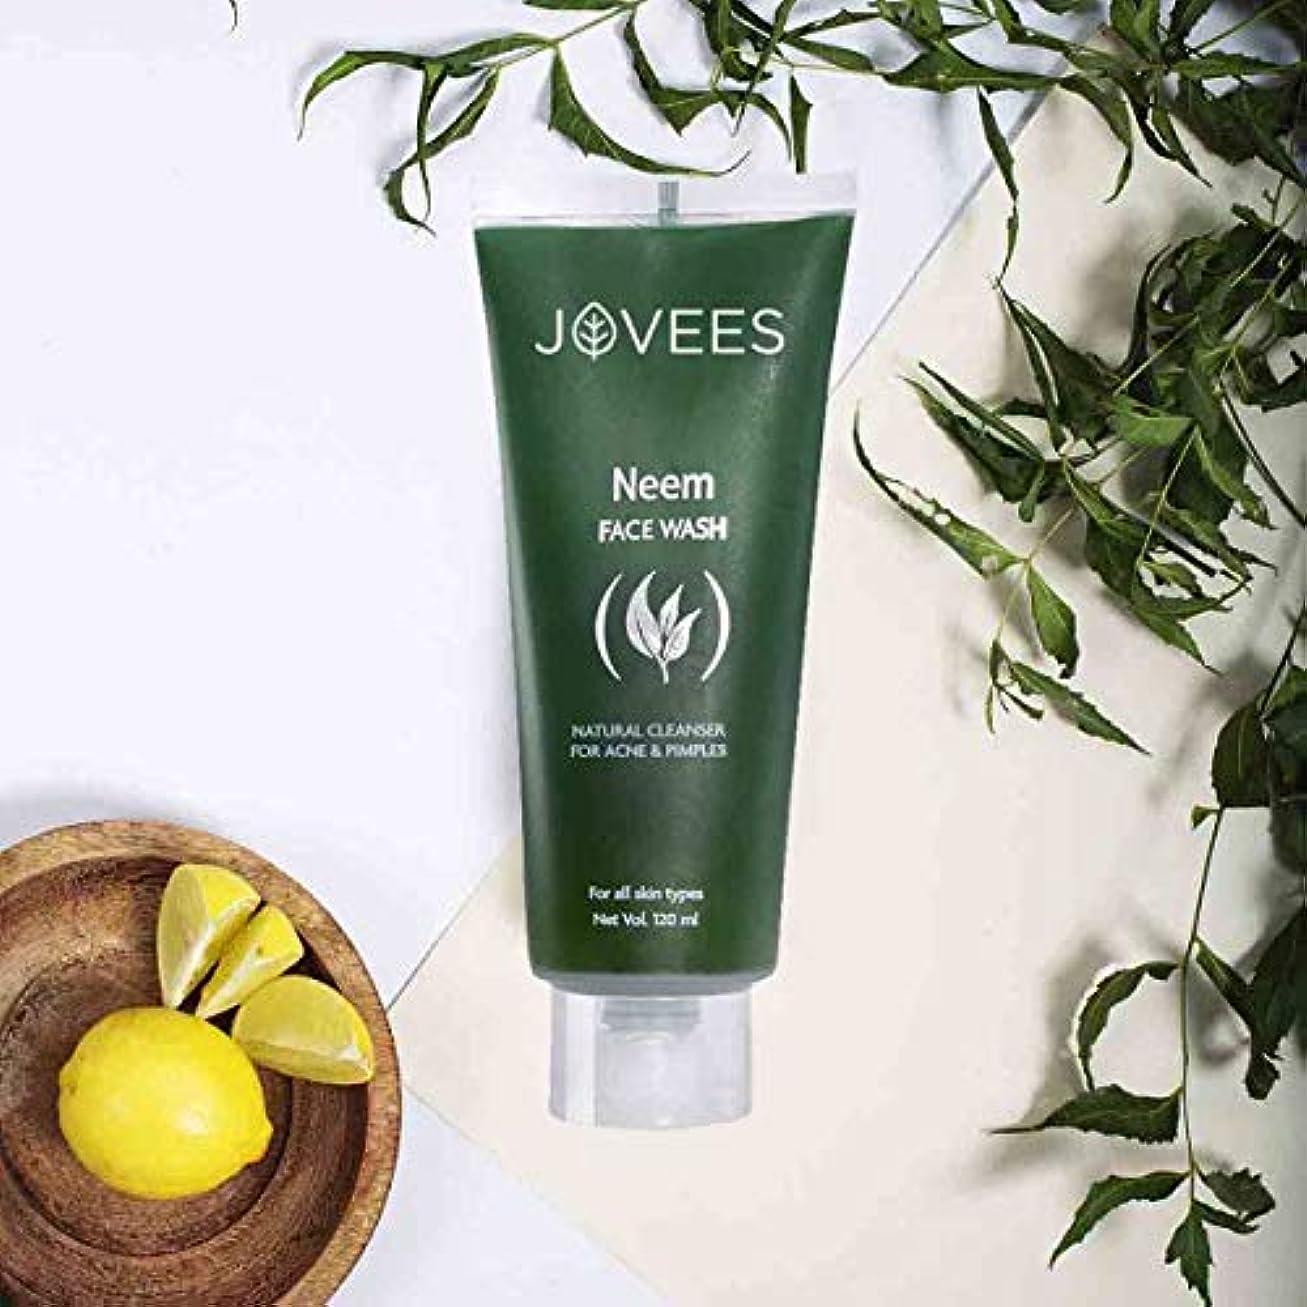 掃除意欲アトミックJovees Natural Neem Face Wash 120ml help mitigate pimple & Acne improve skin complexion ナチュラルニームフェイスウォッシュがニキビの...